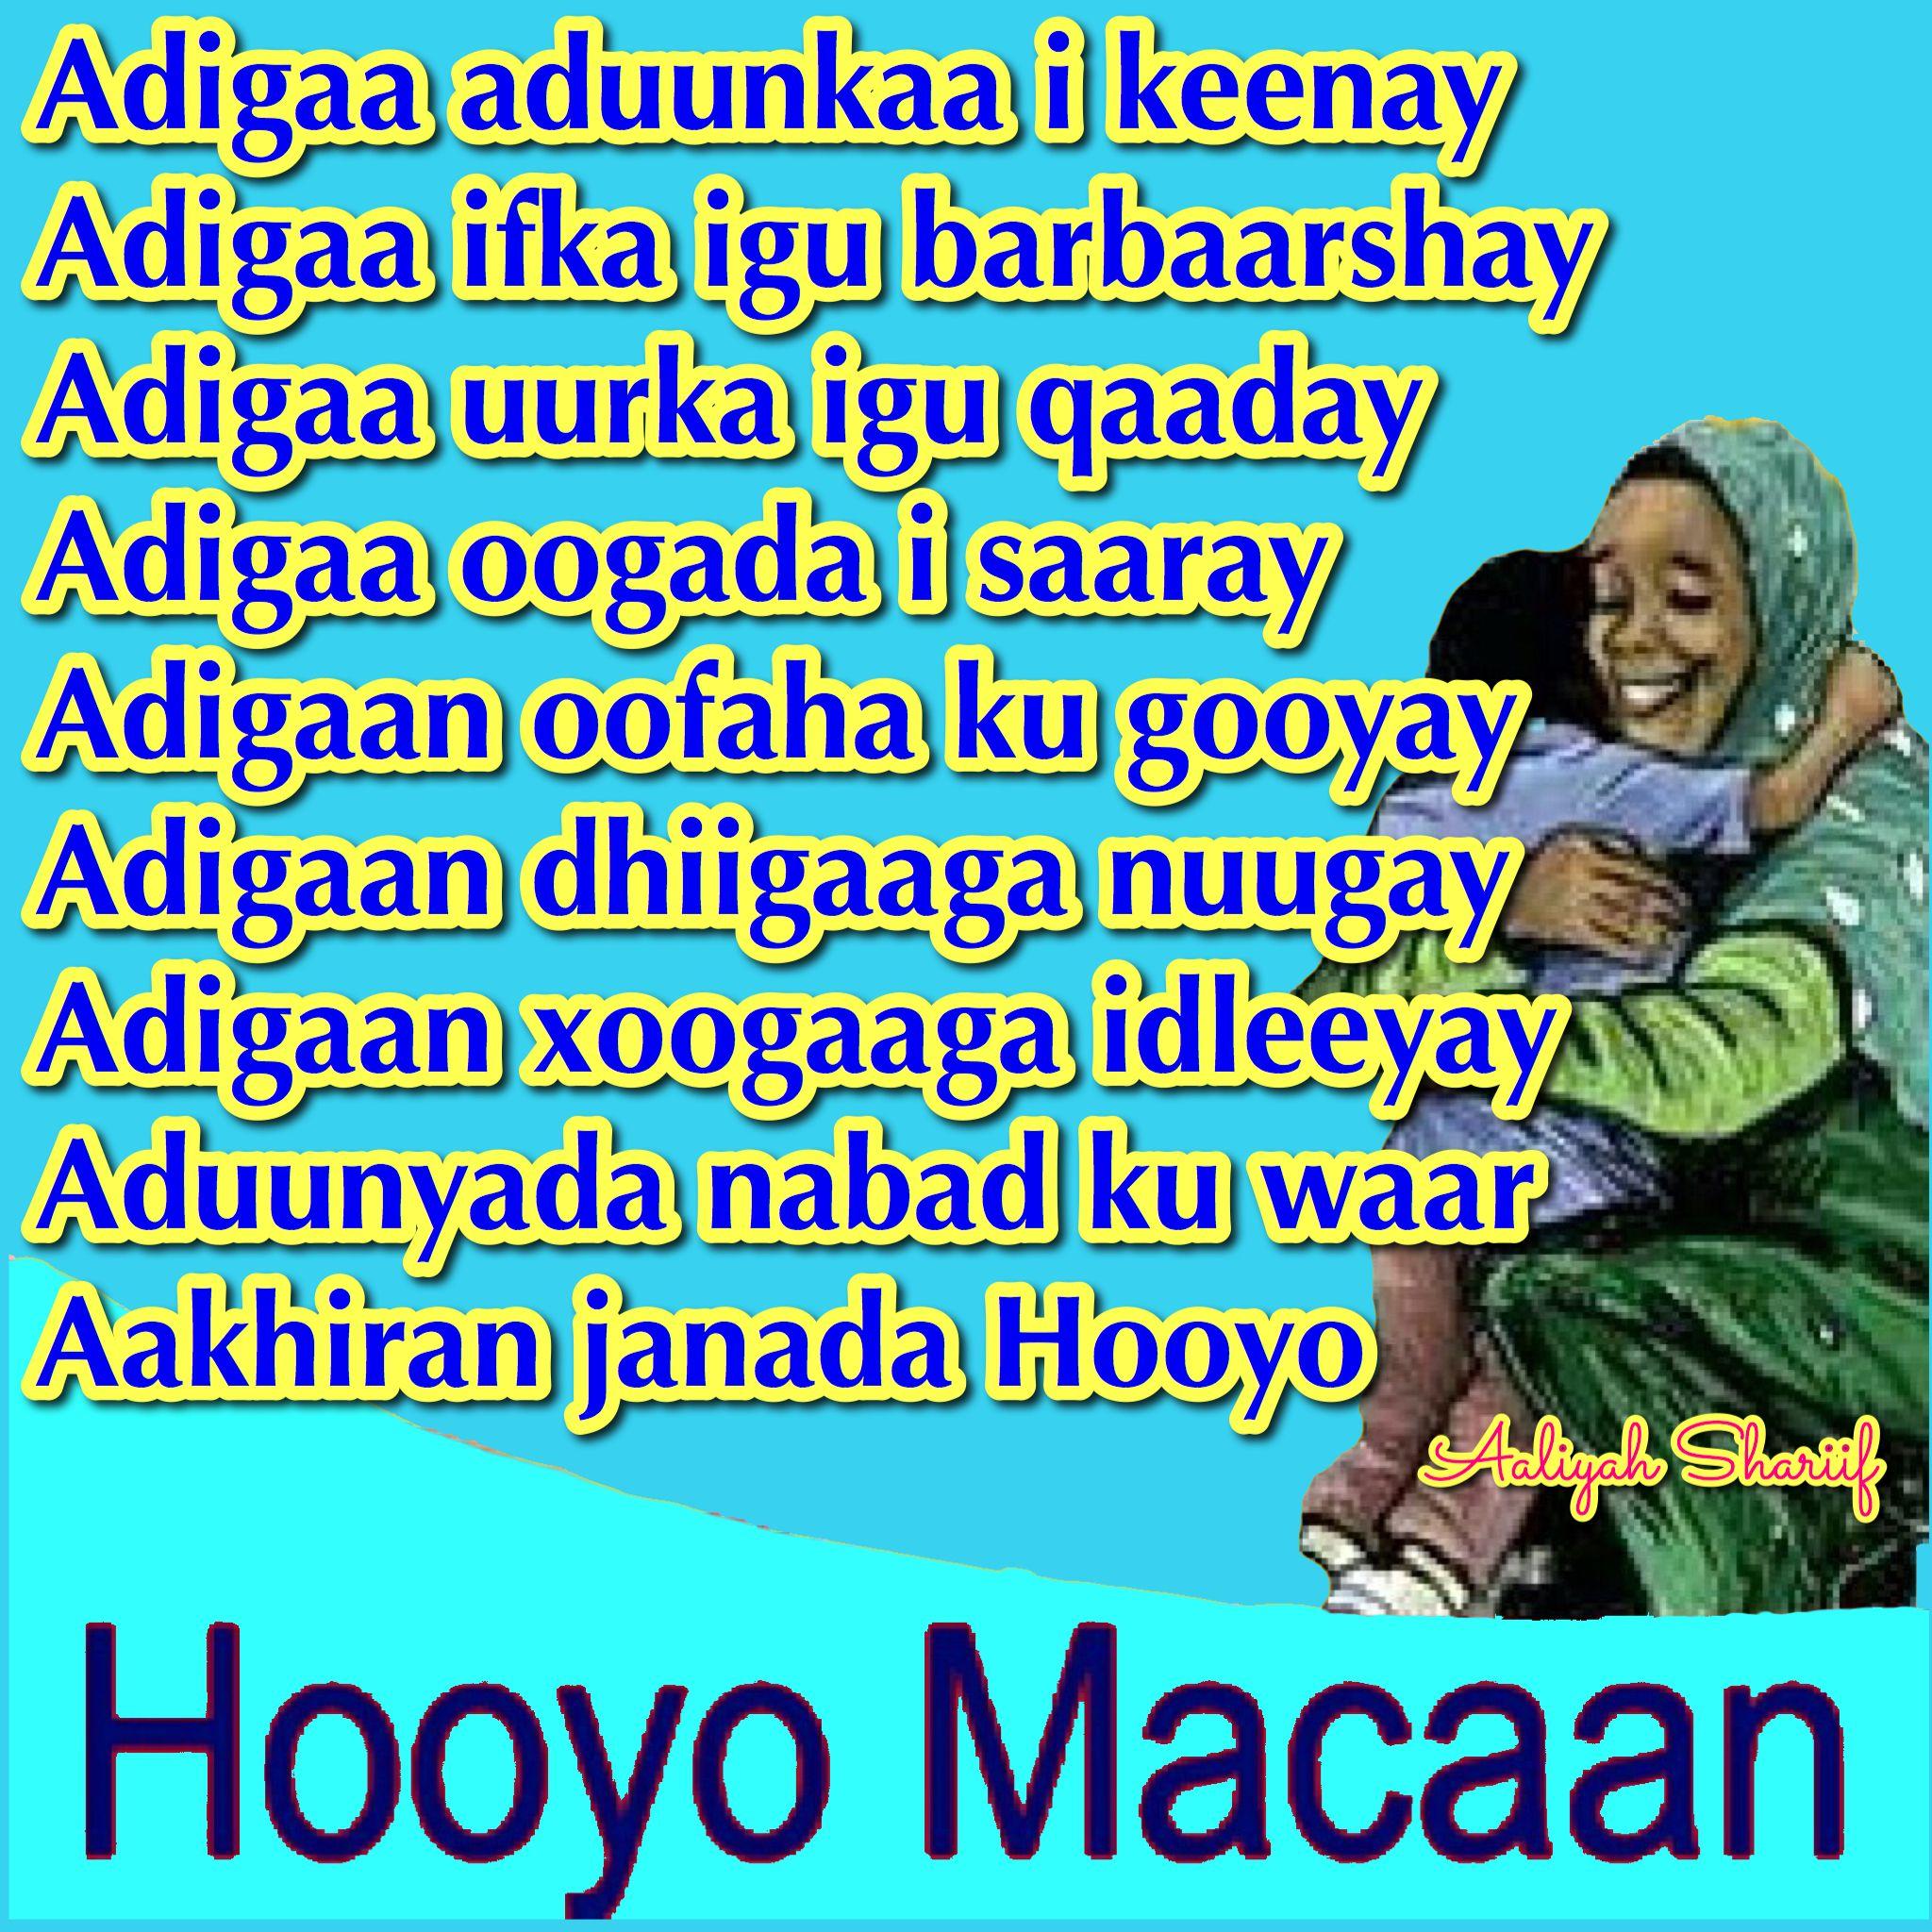 Hooyo macaan heeso qoraal ah